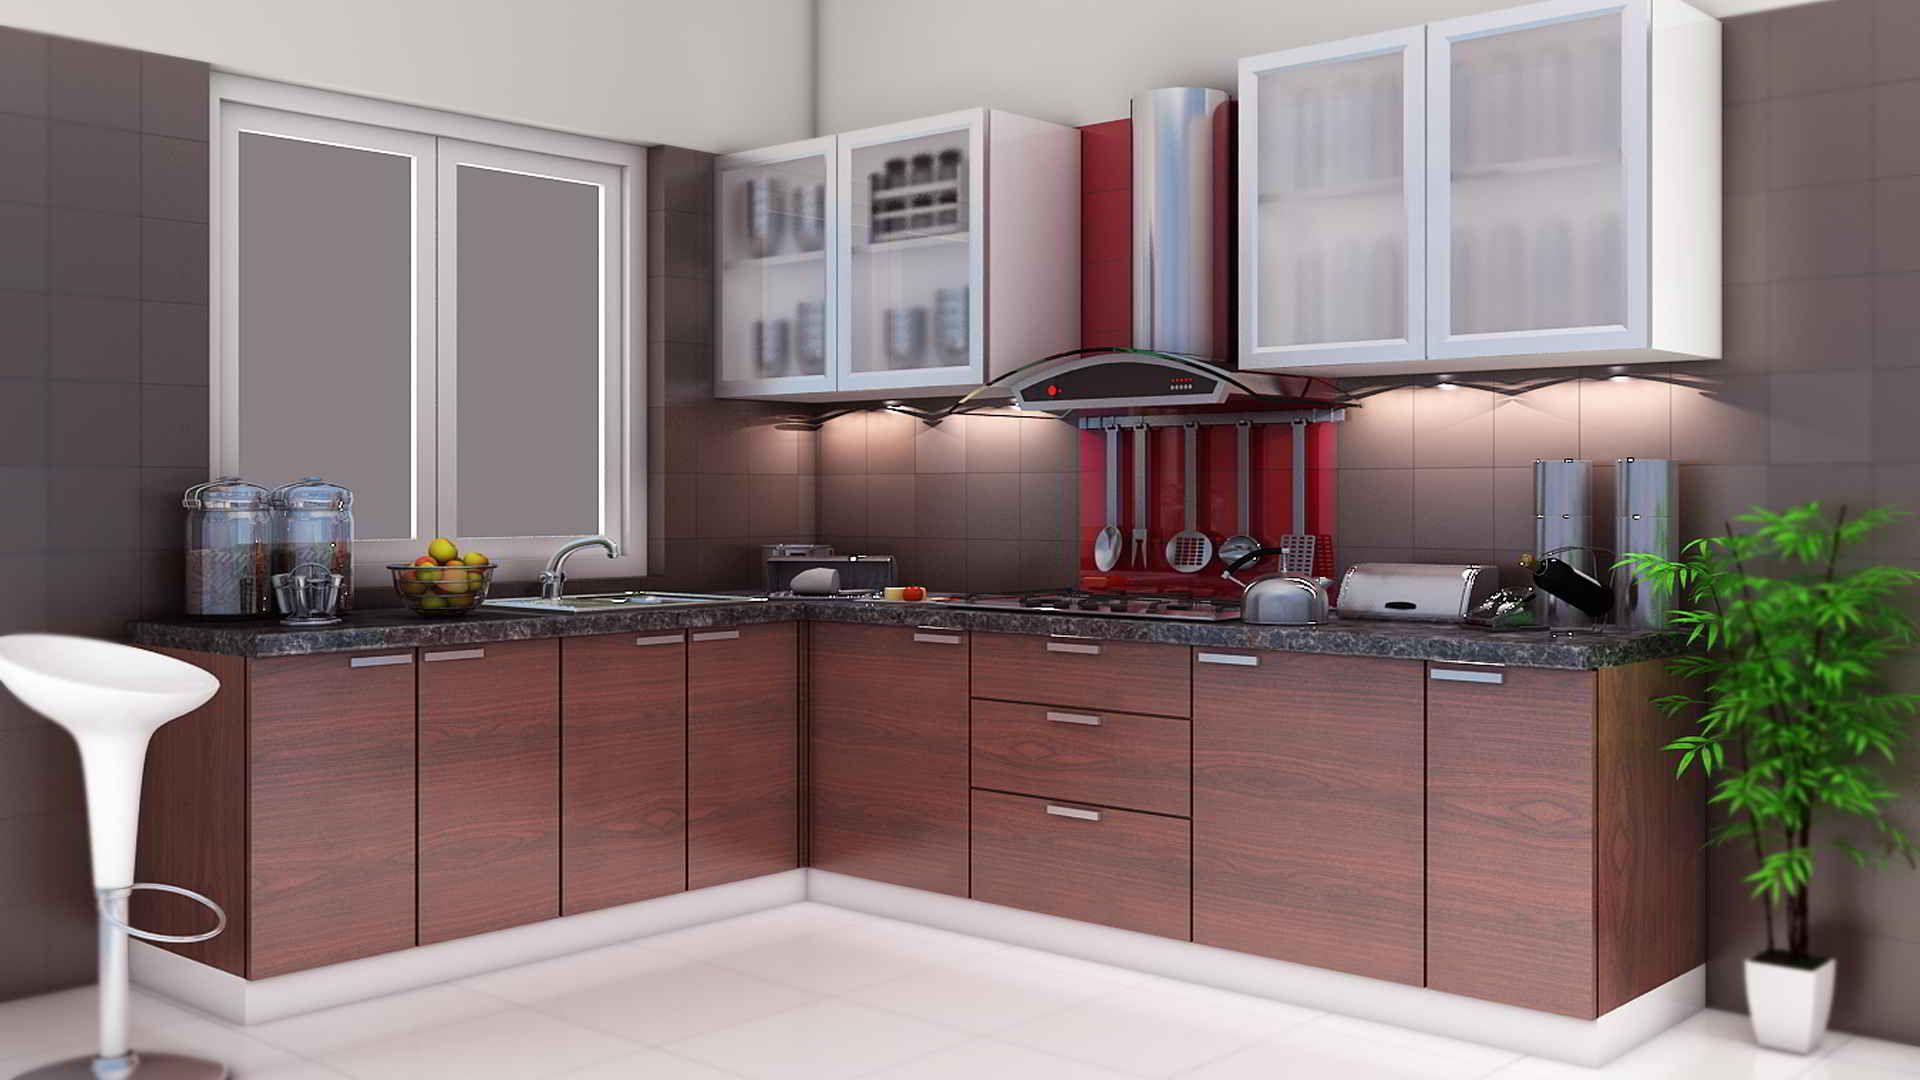 Website Httpsplusgoogle101781469560149145929  Modular New Kitchen Design Website Design Decoration